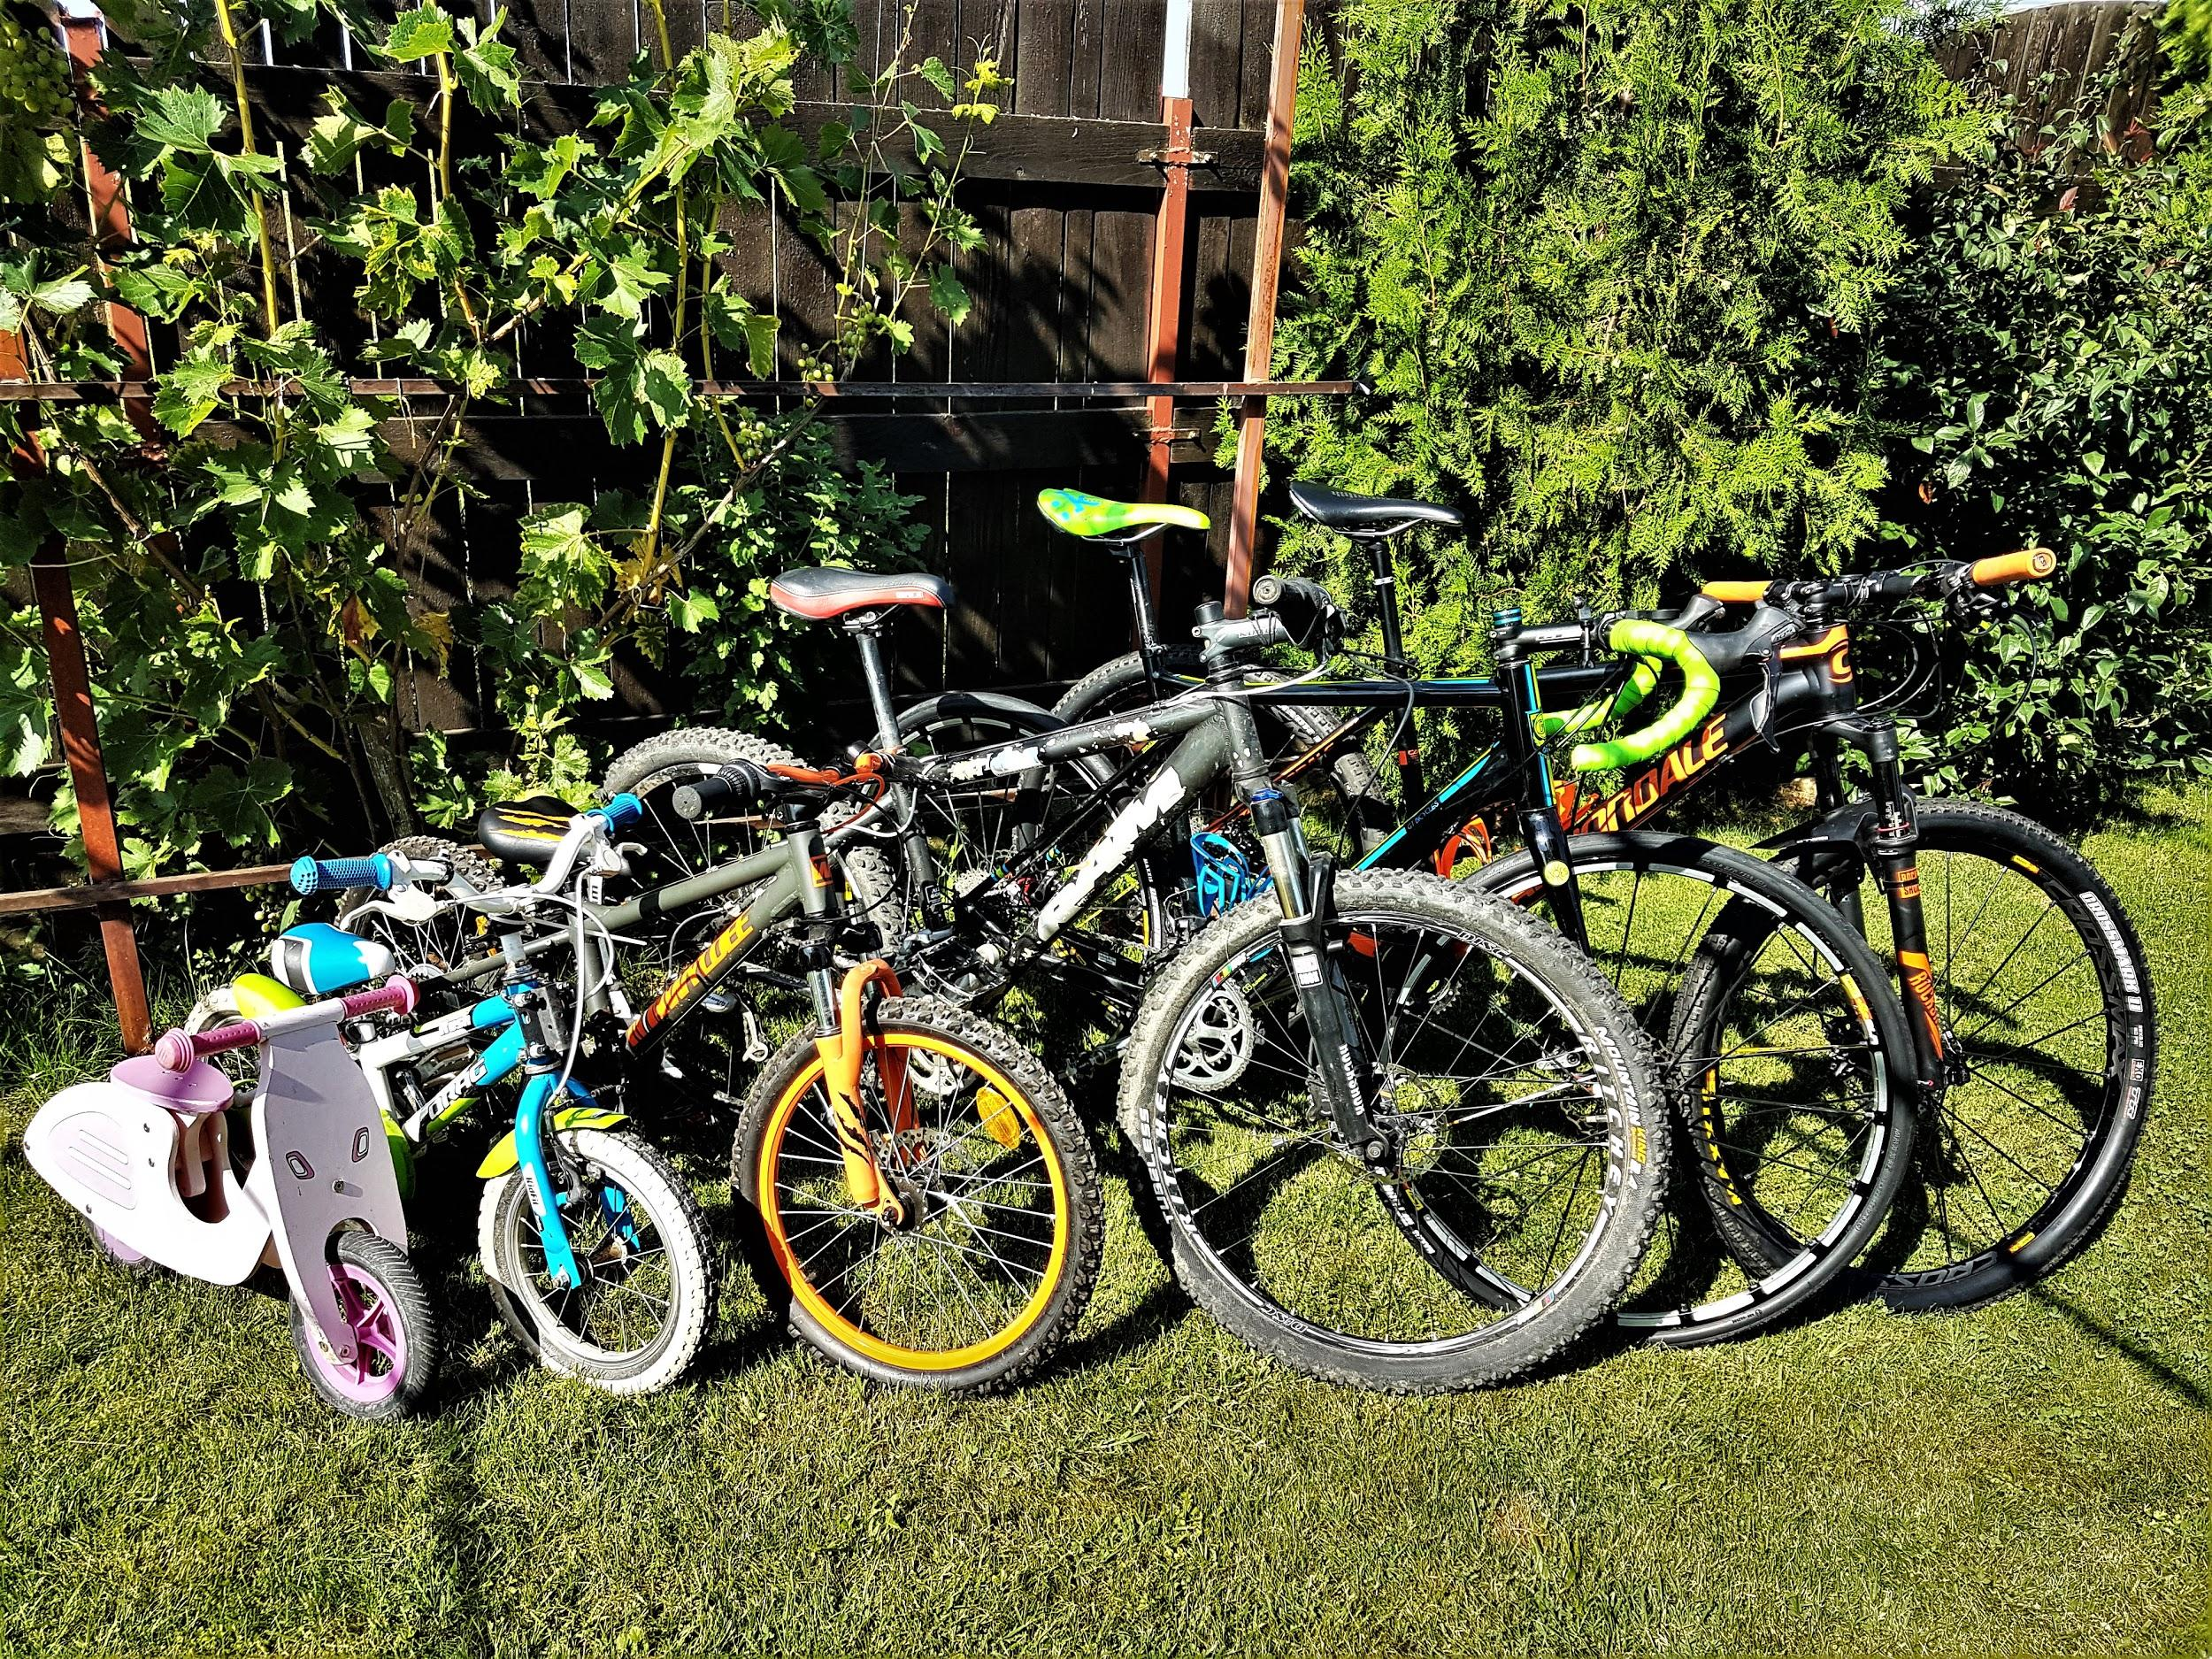 Marimi de anvelope pentru biciclete